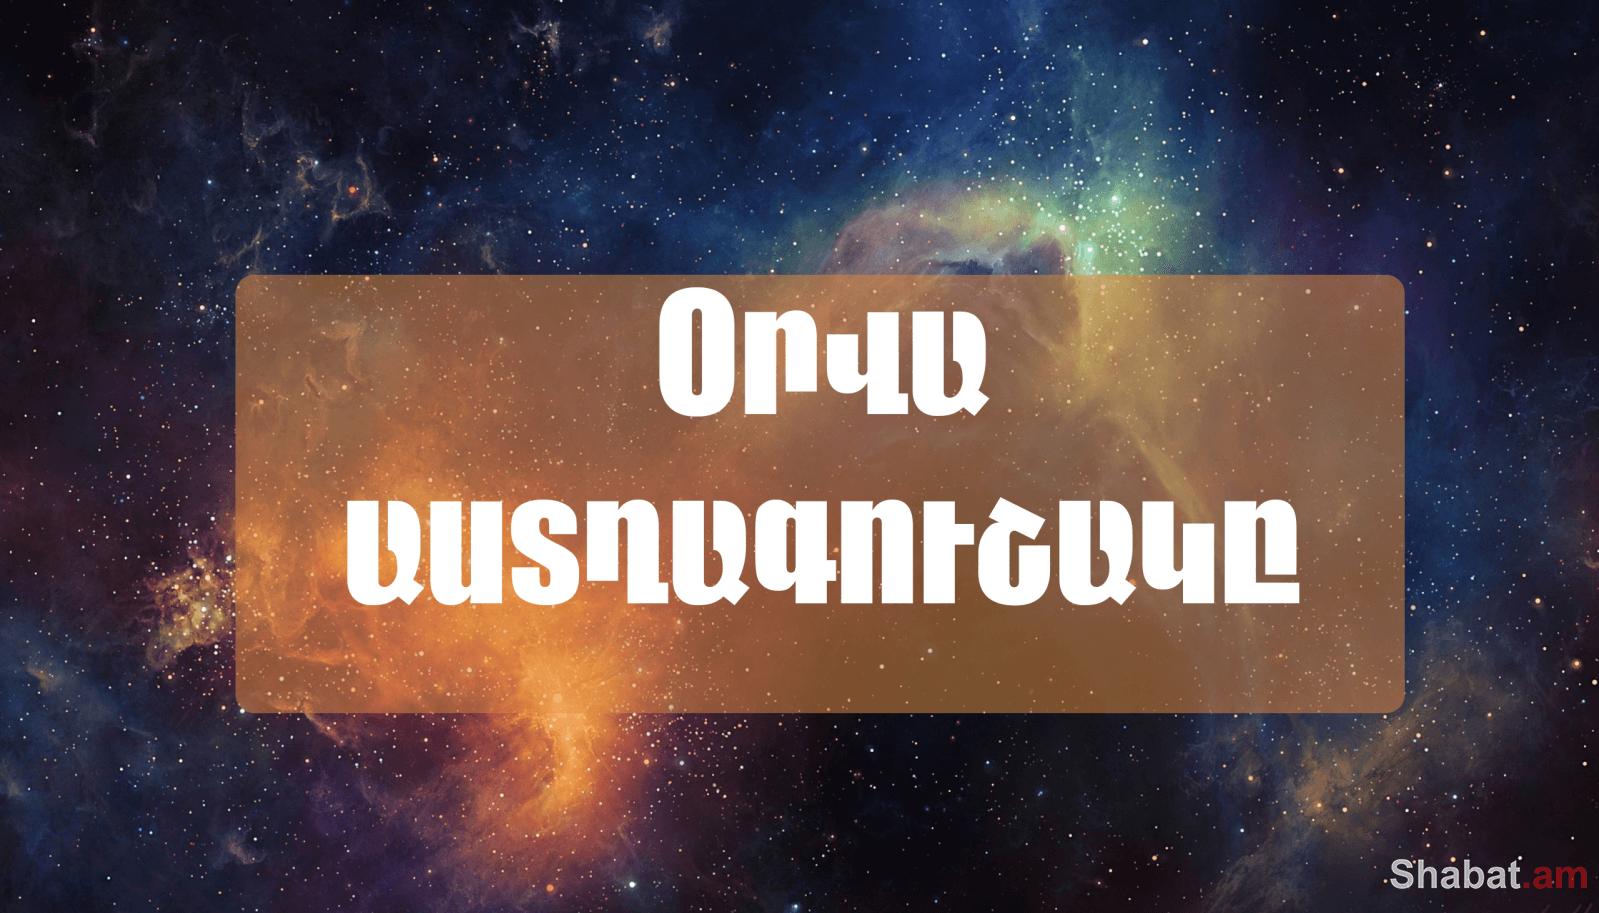 Հոկտեմբերի 10-ի աստղագուշակ